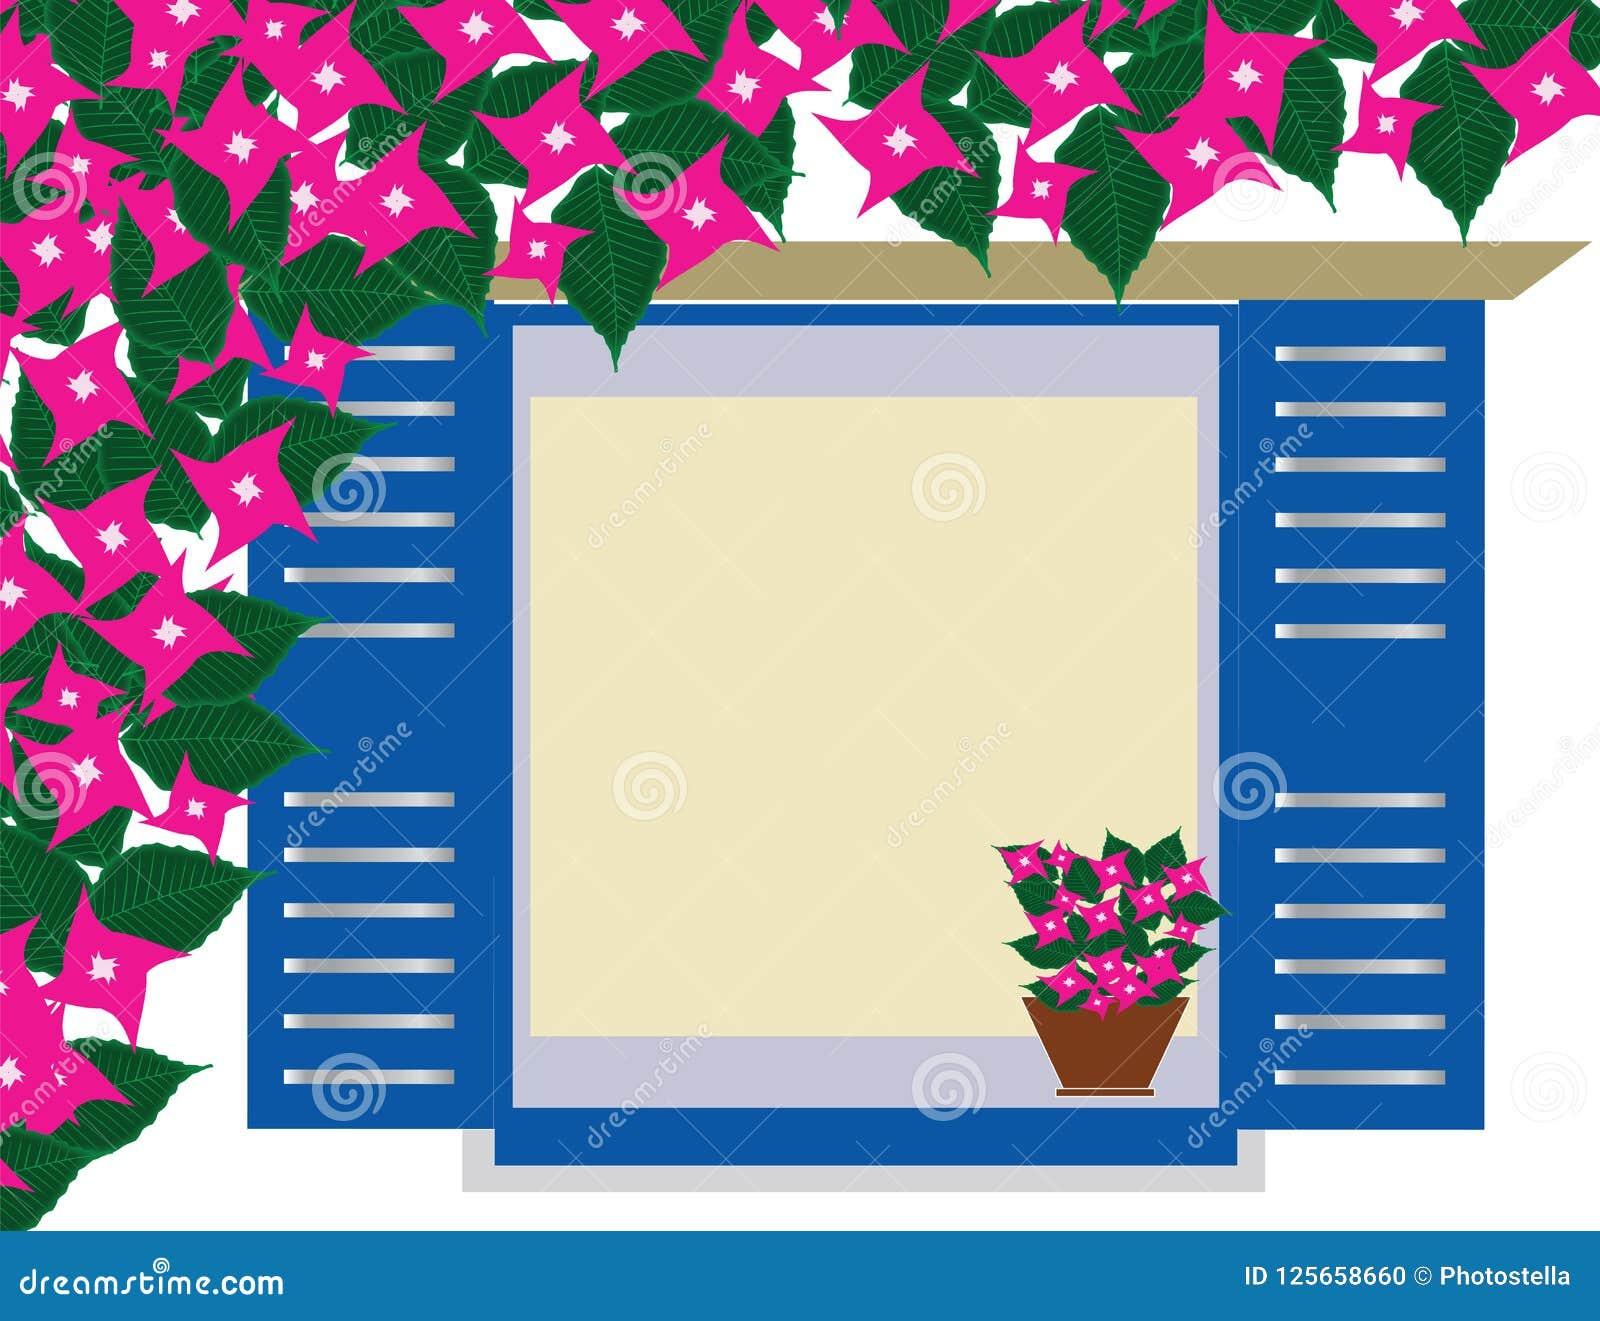 Traditioneel Grieks blauw venster met bougainvilleabloemen - Cycladen Griekenland